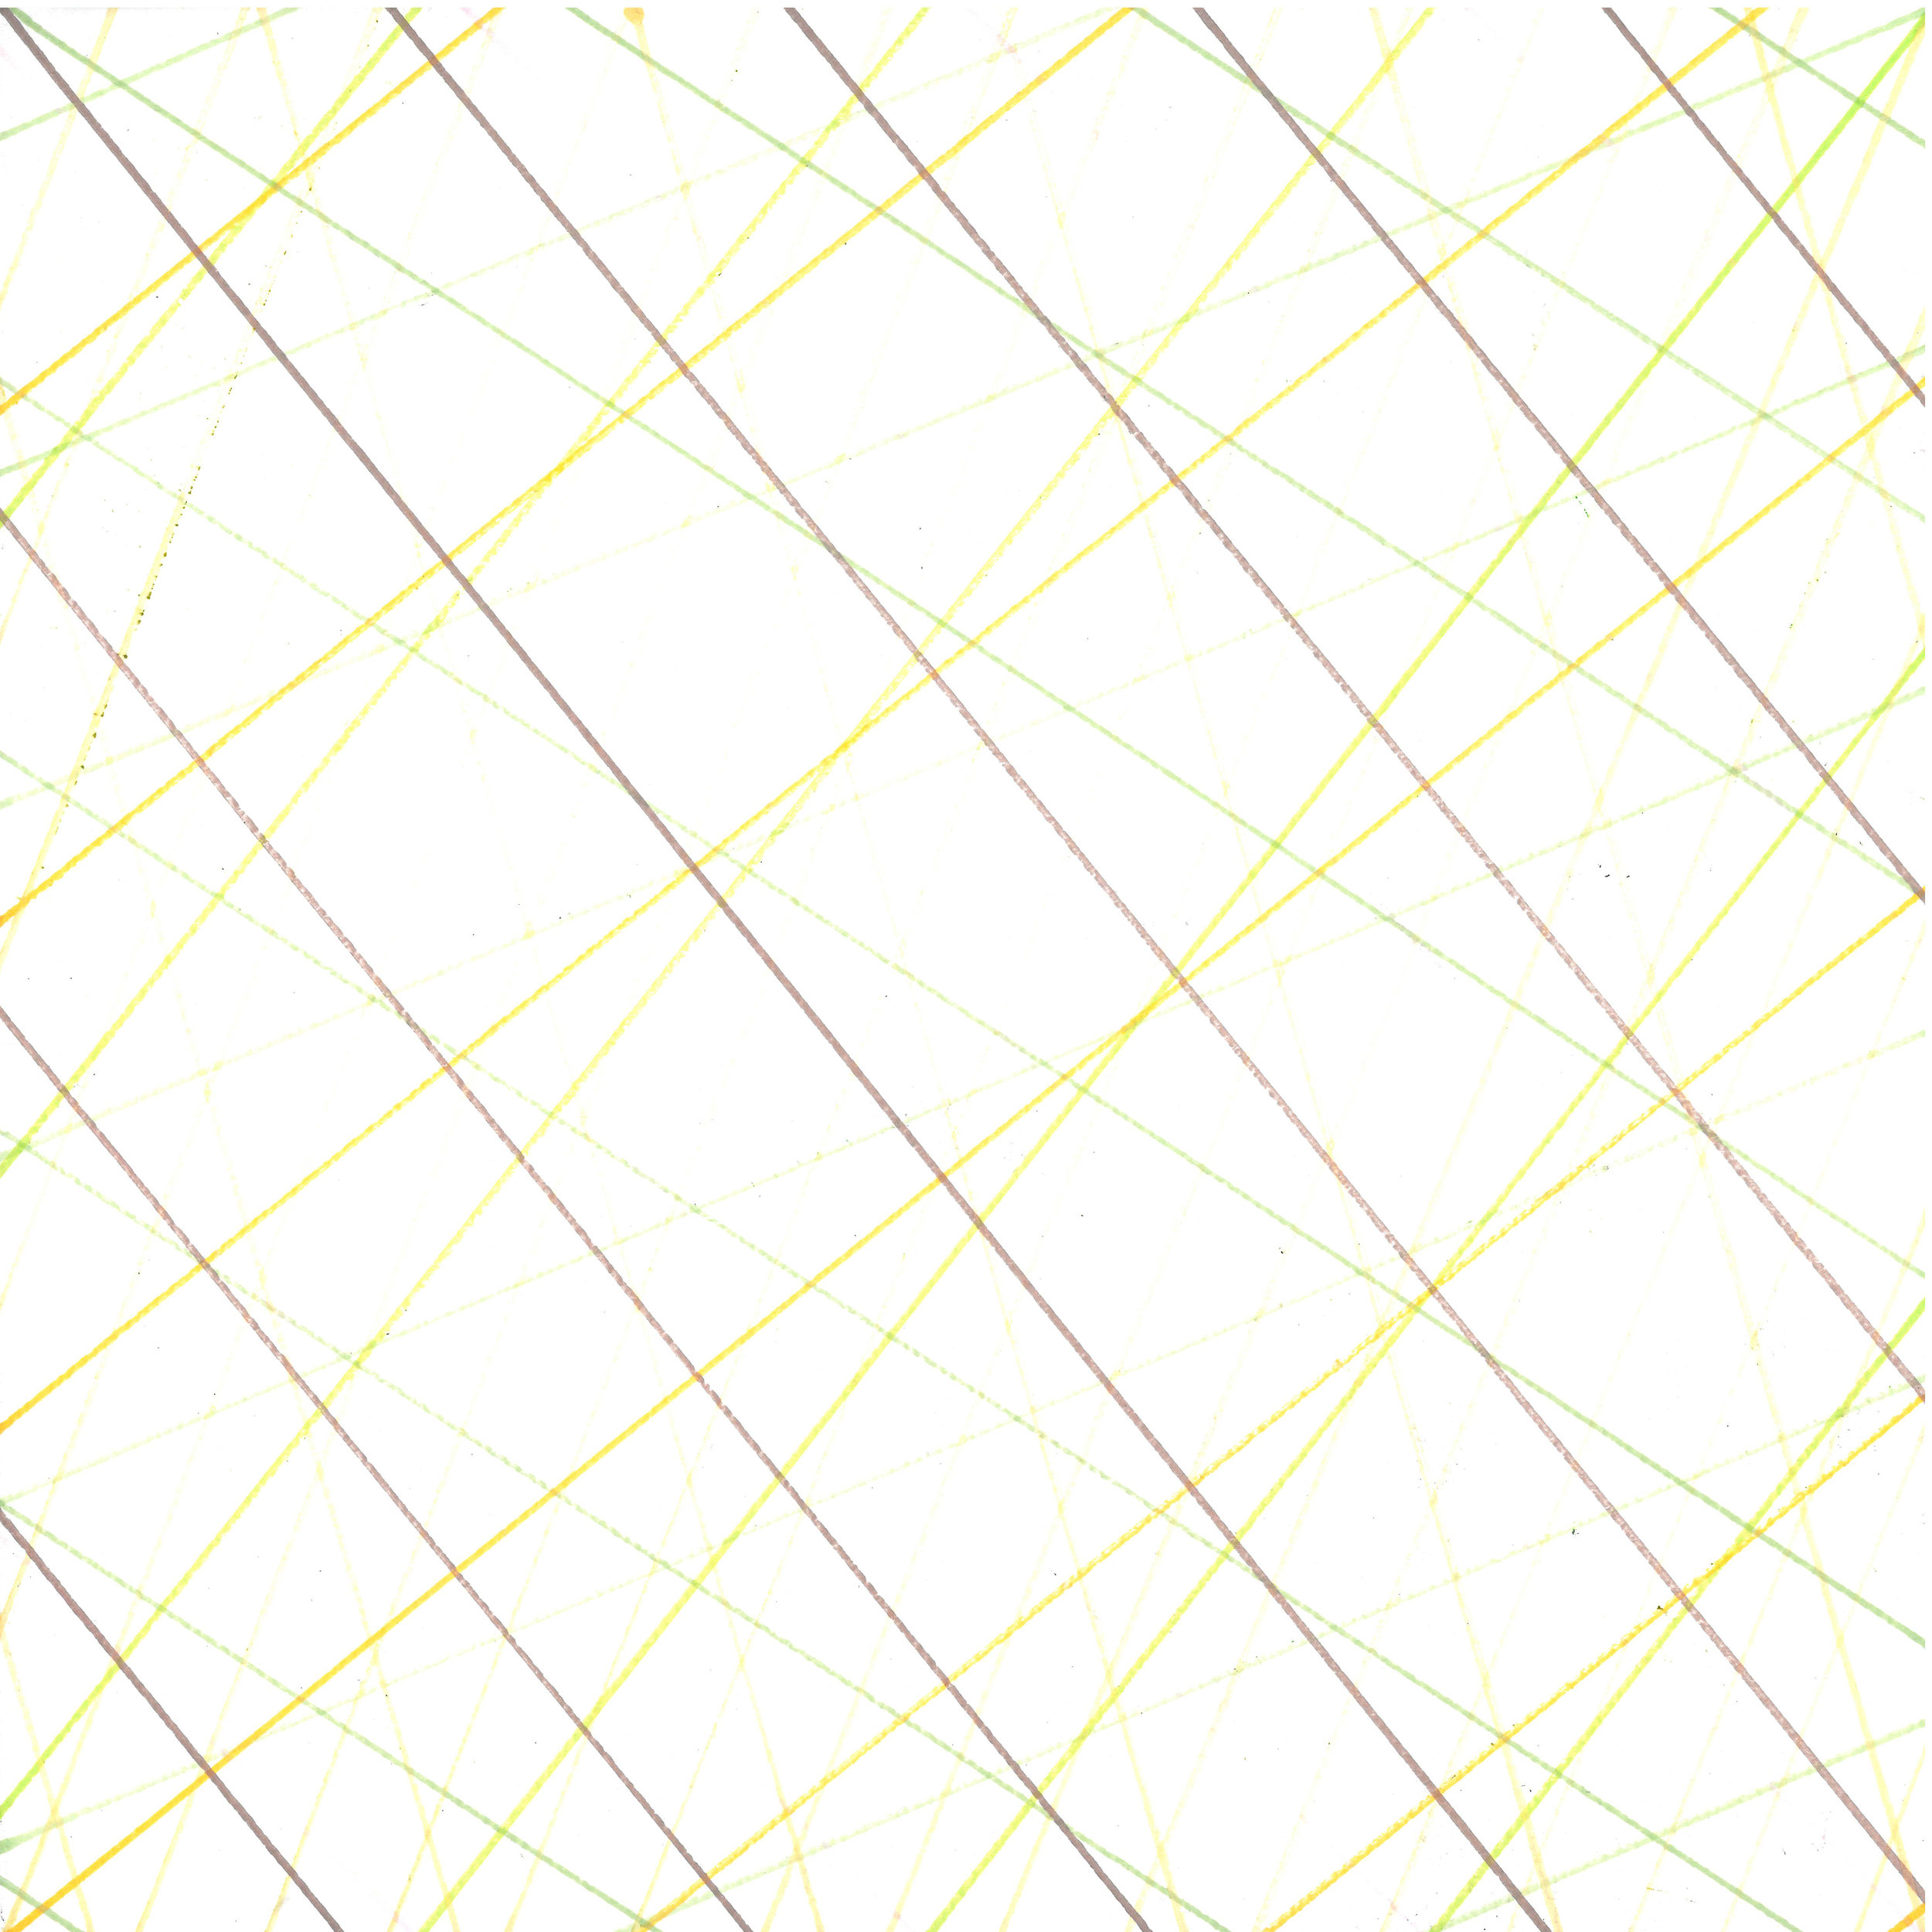 Slanted Checker Series IV